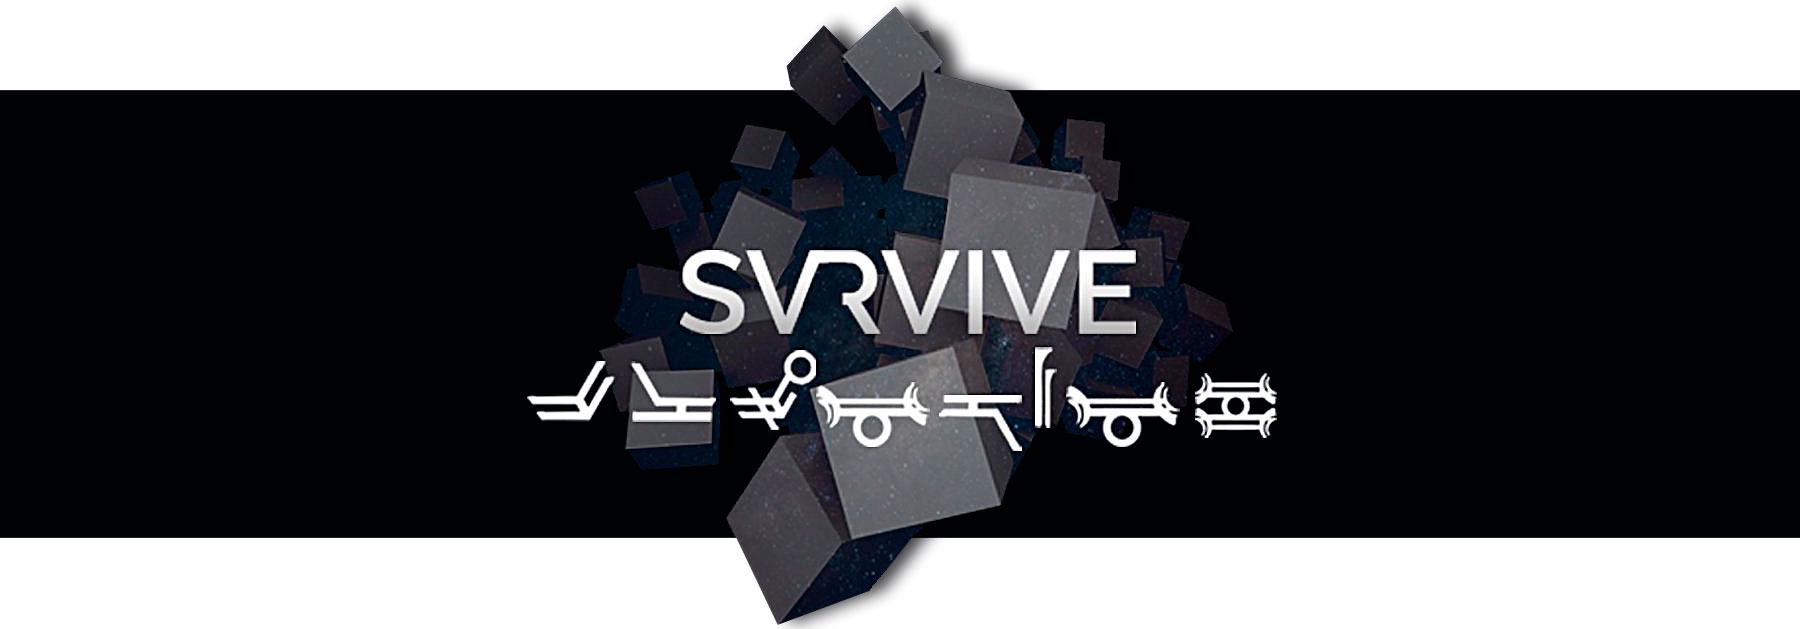 SVRVIVE Studios